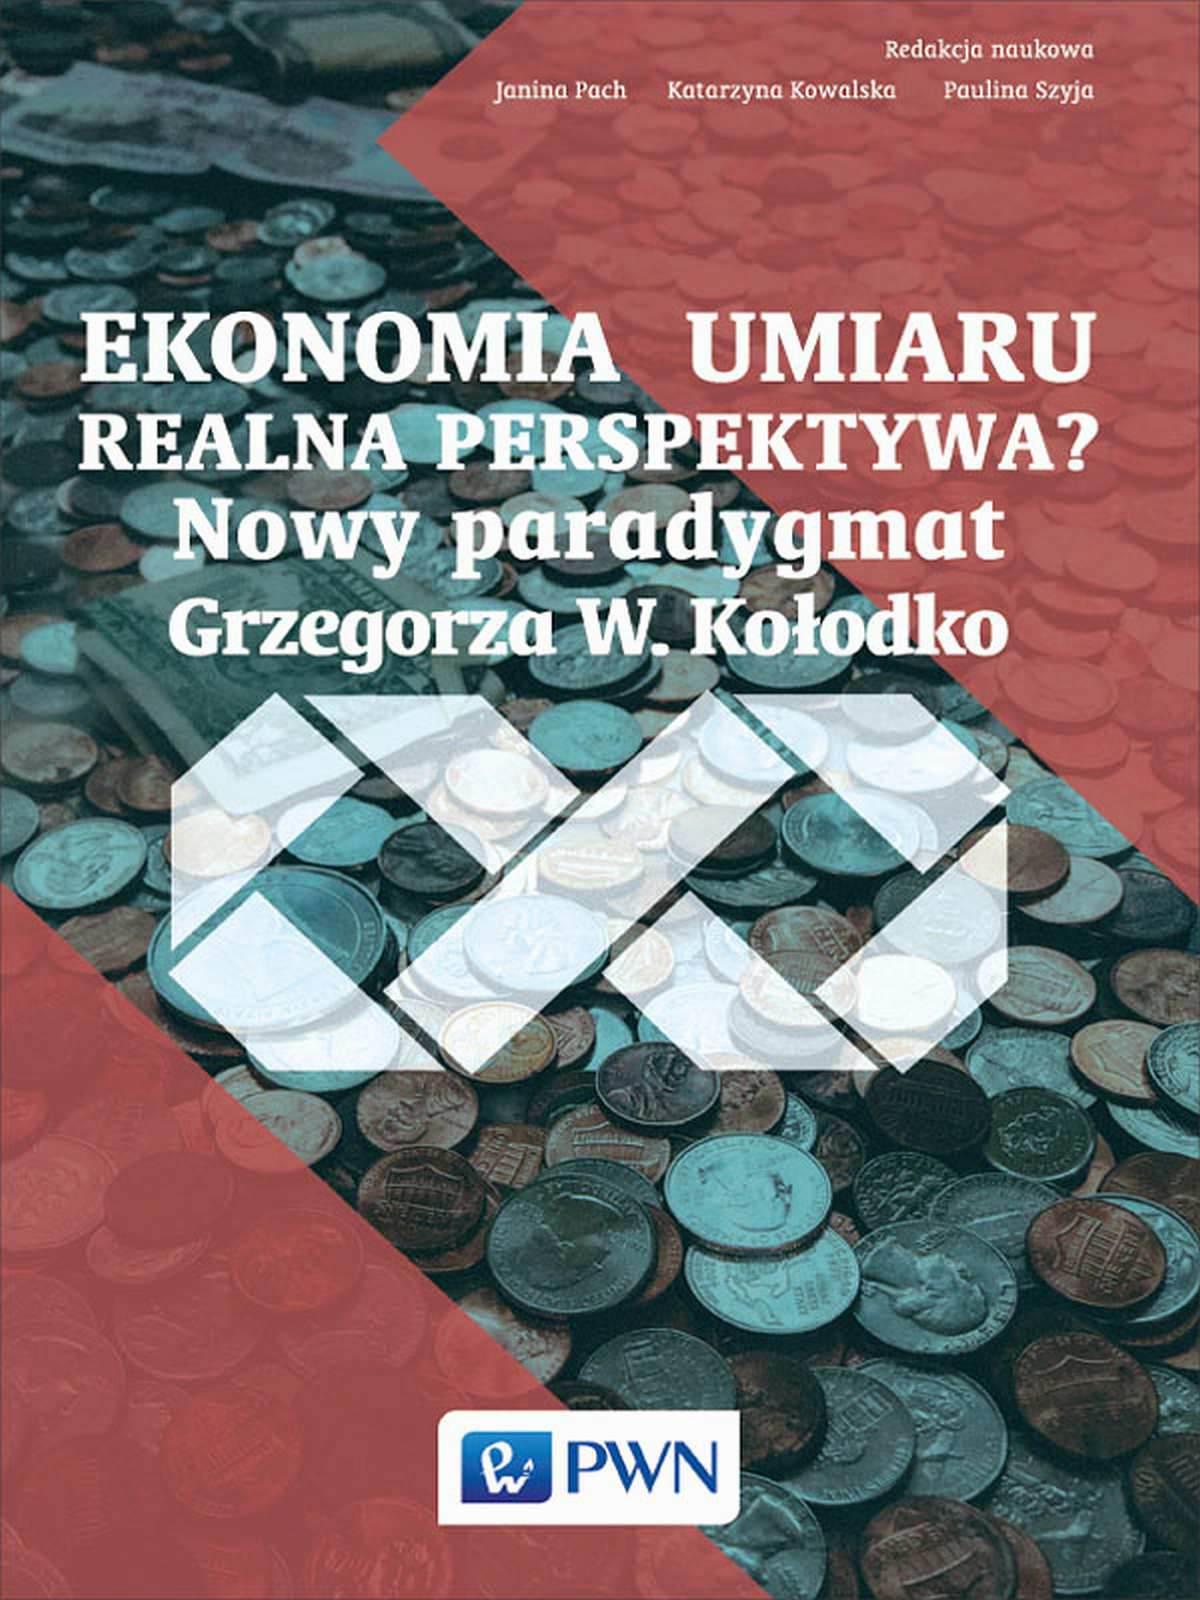 Ekonomia umiaru - realna perspektywa? Nowy Paradygmat Grzegorza W. Kołodko - Ebook (Książka EPUB) do pobrania w formacie EPUB